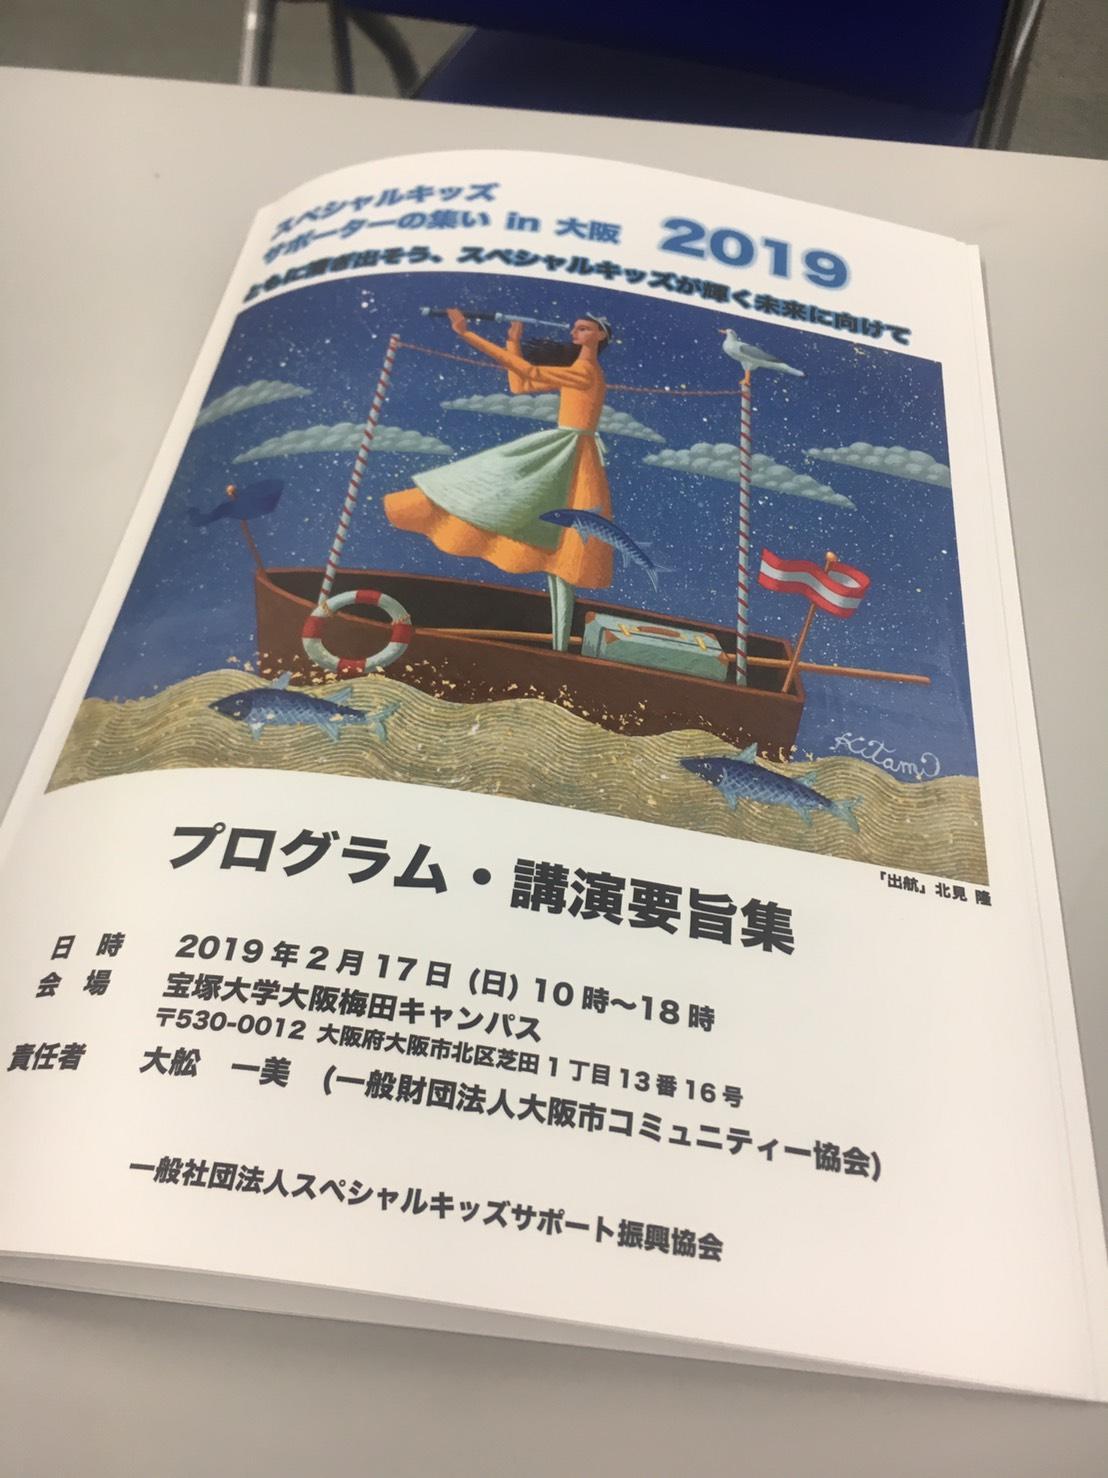 『スペシャルキッズサポーターの集い in大阪 2019』に参加しました。